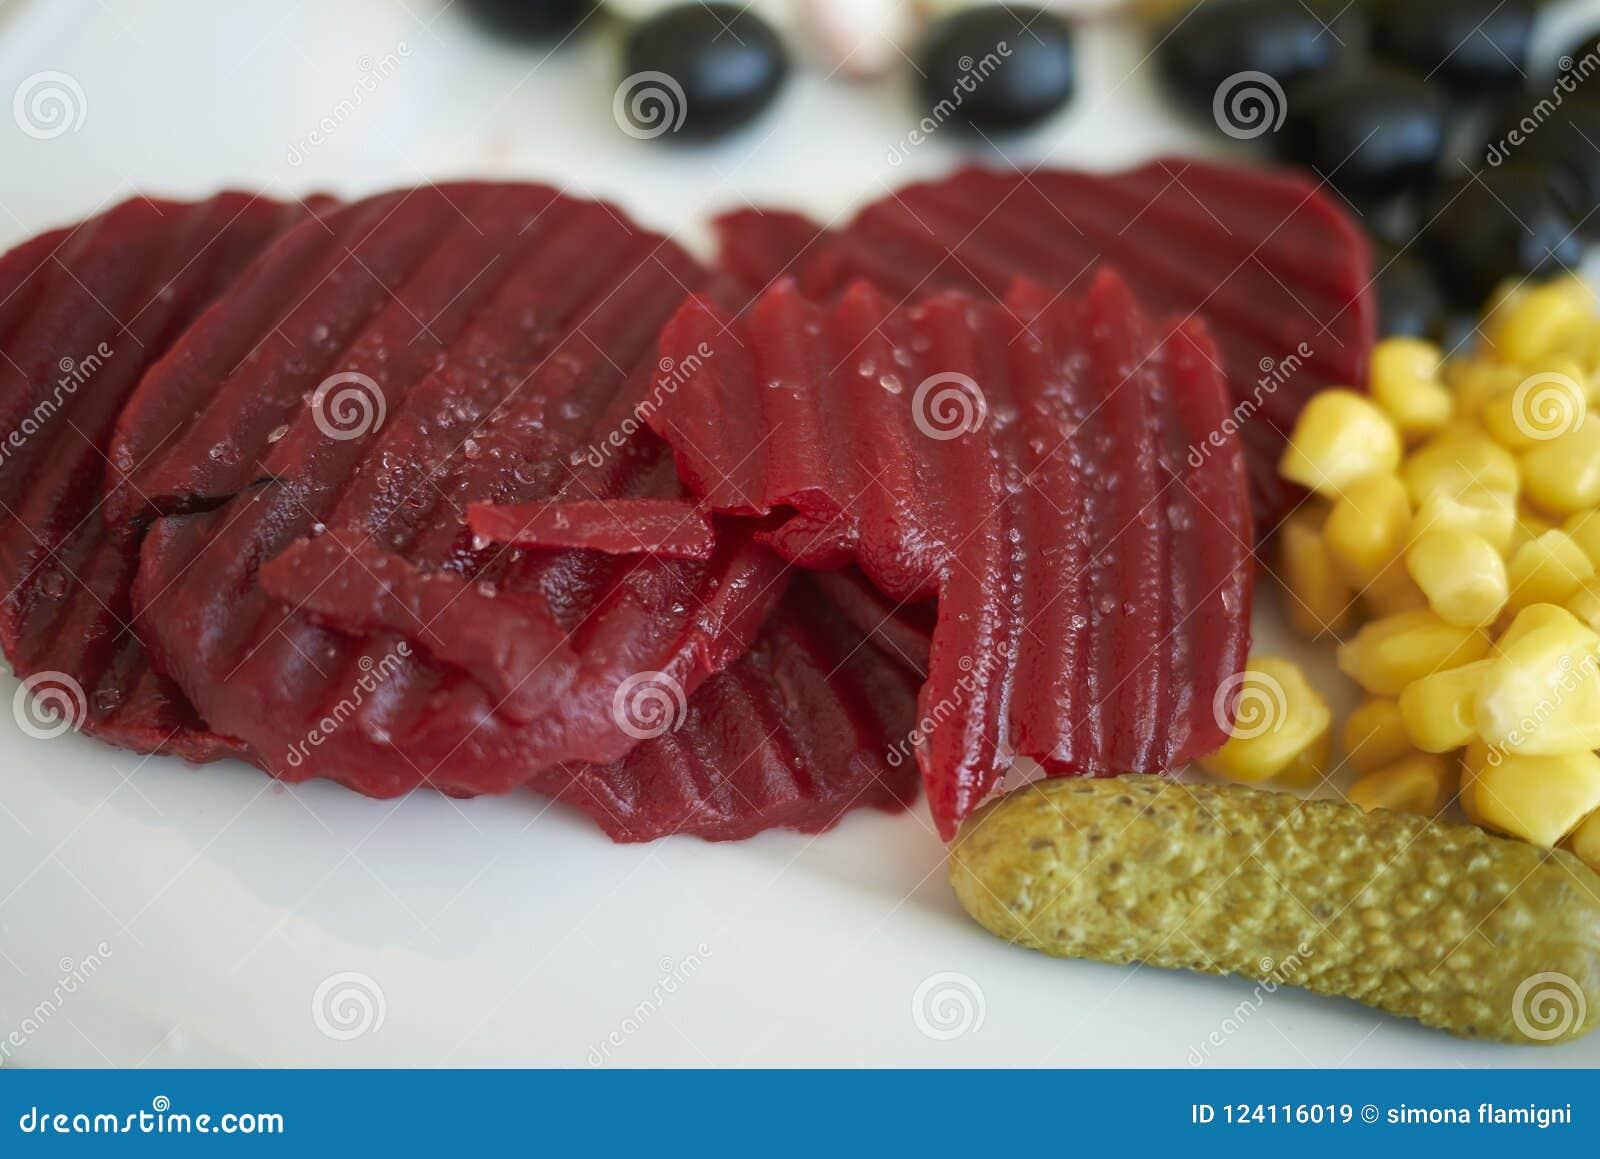 Rödbetor, havre, knipor och oliv